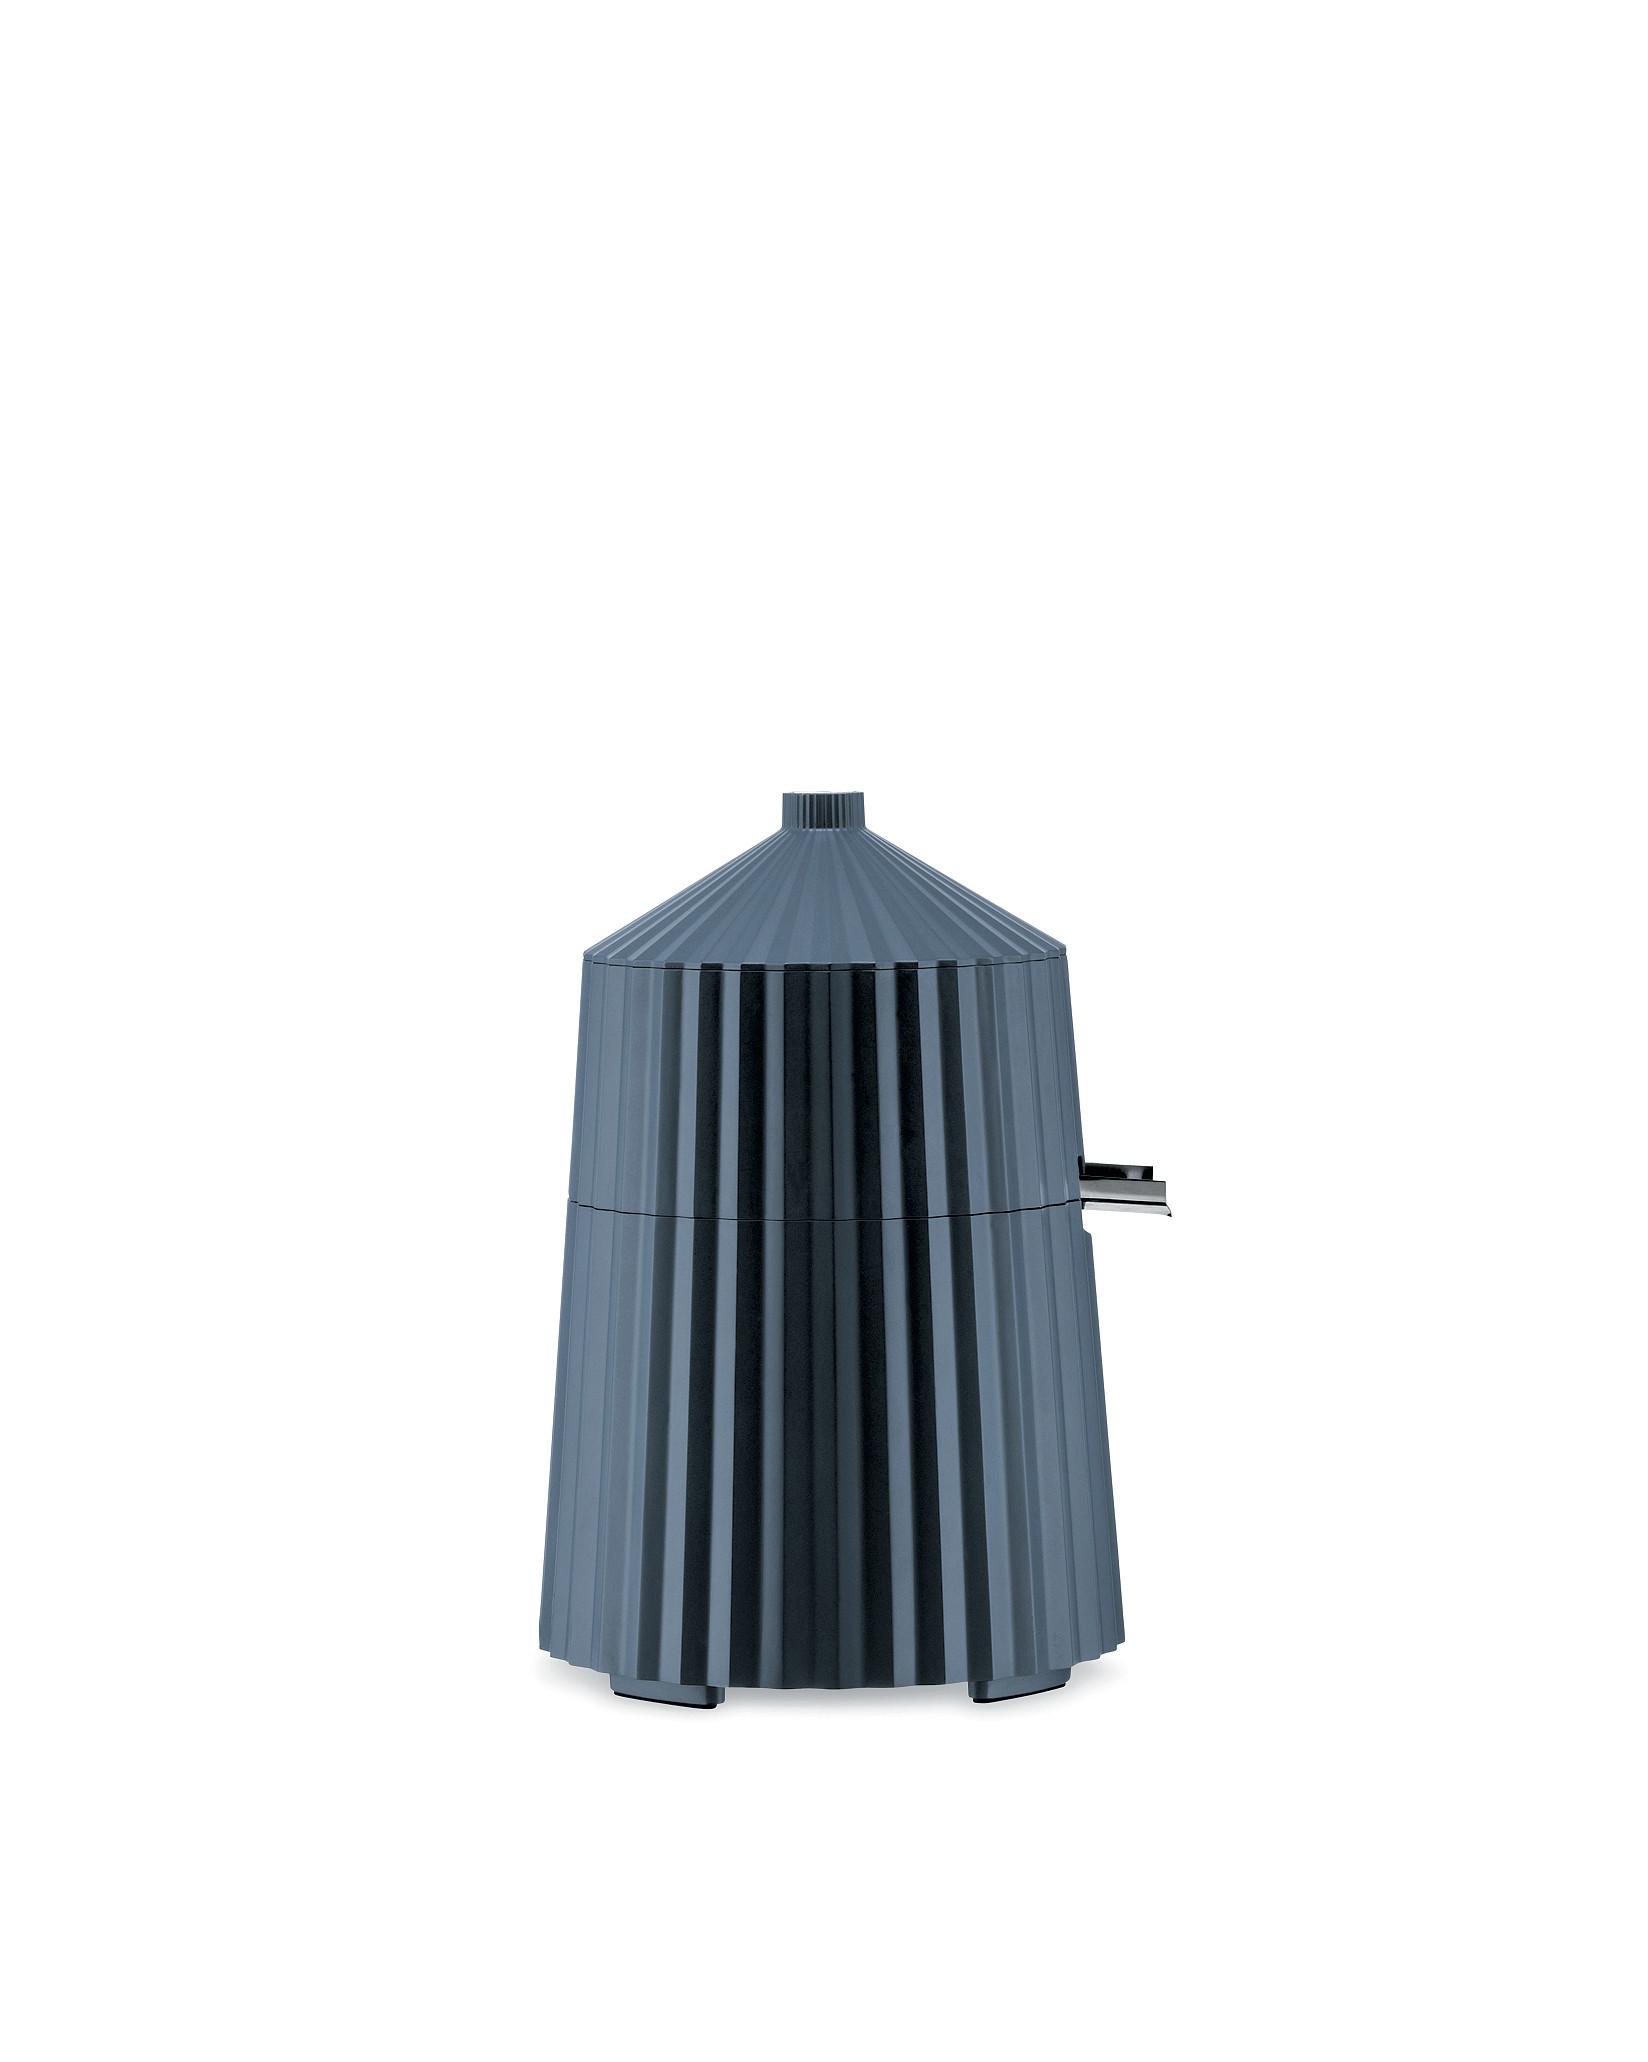 Elektrický odšťavňovač na citrusy Plisse, šedý, prům. 18.5 cm - Alessi